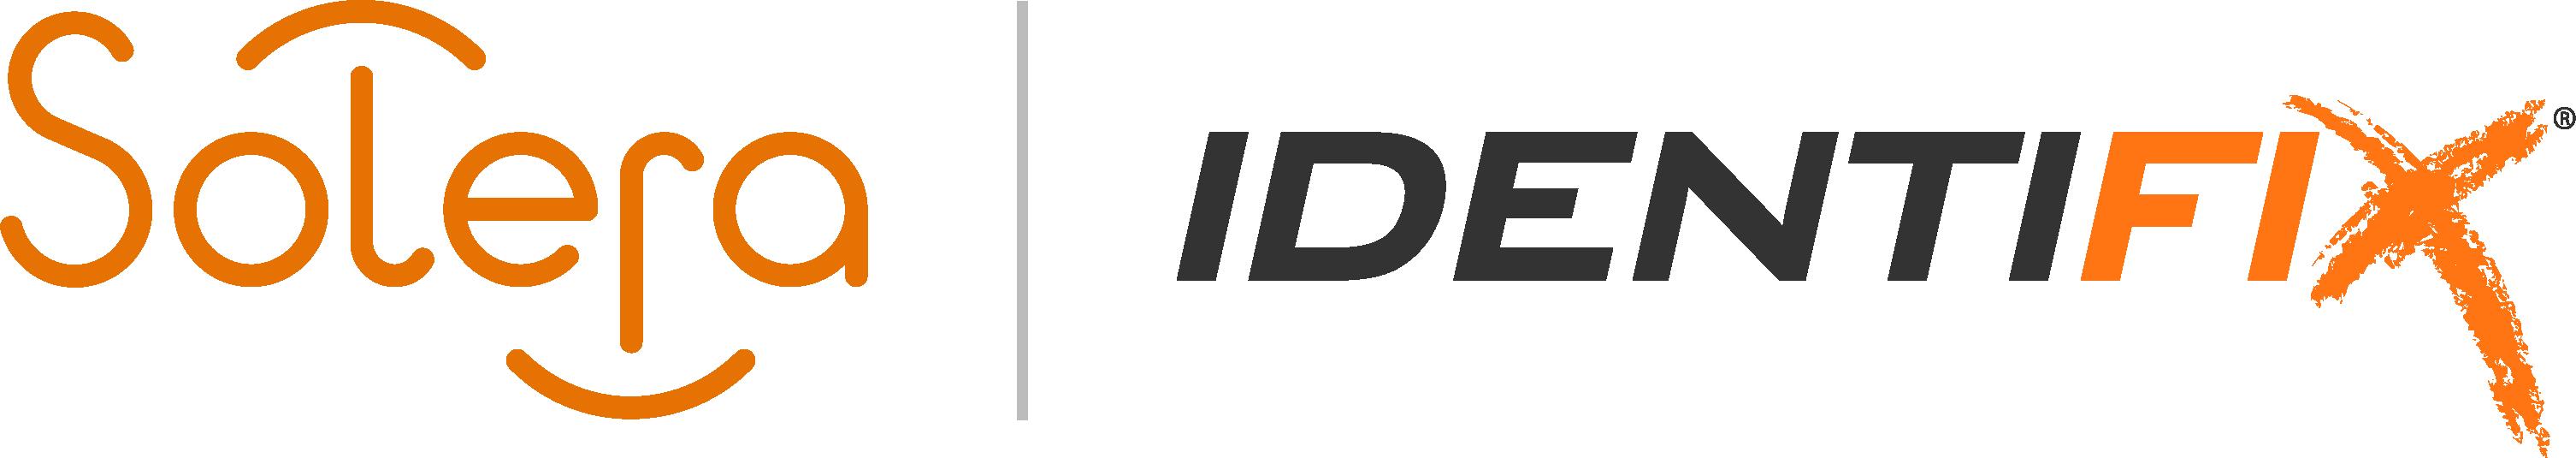 SoleraIdentifix_logo-1